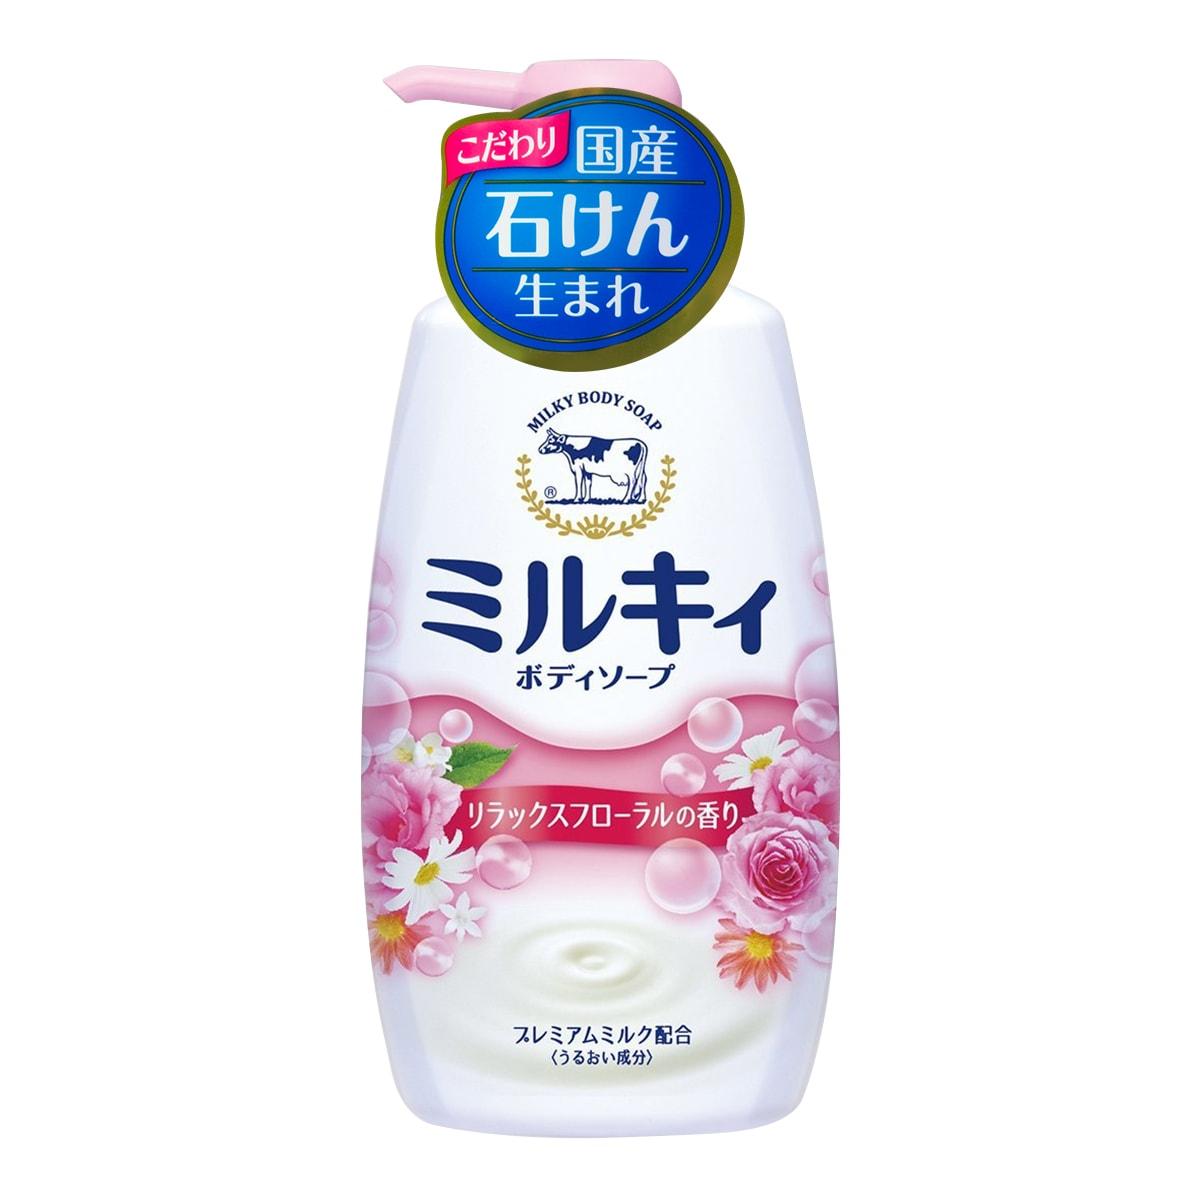 日本COW牛乳石鹼共进社 玫瑰花香美肌泡沫沐浴乳 玫瑰花香 550ml